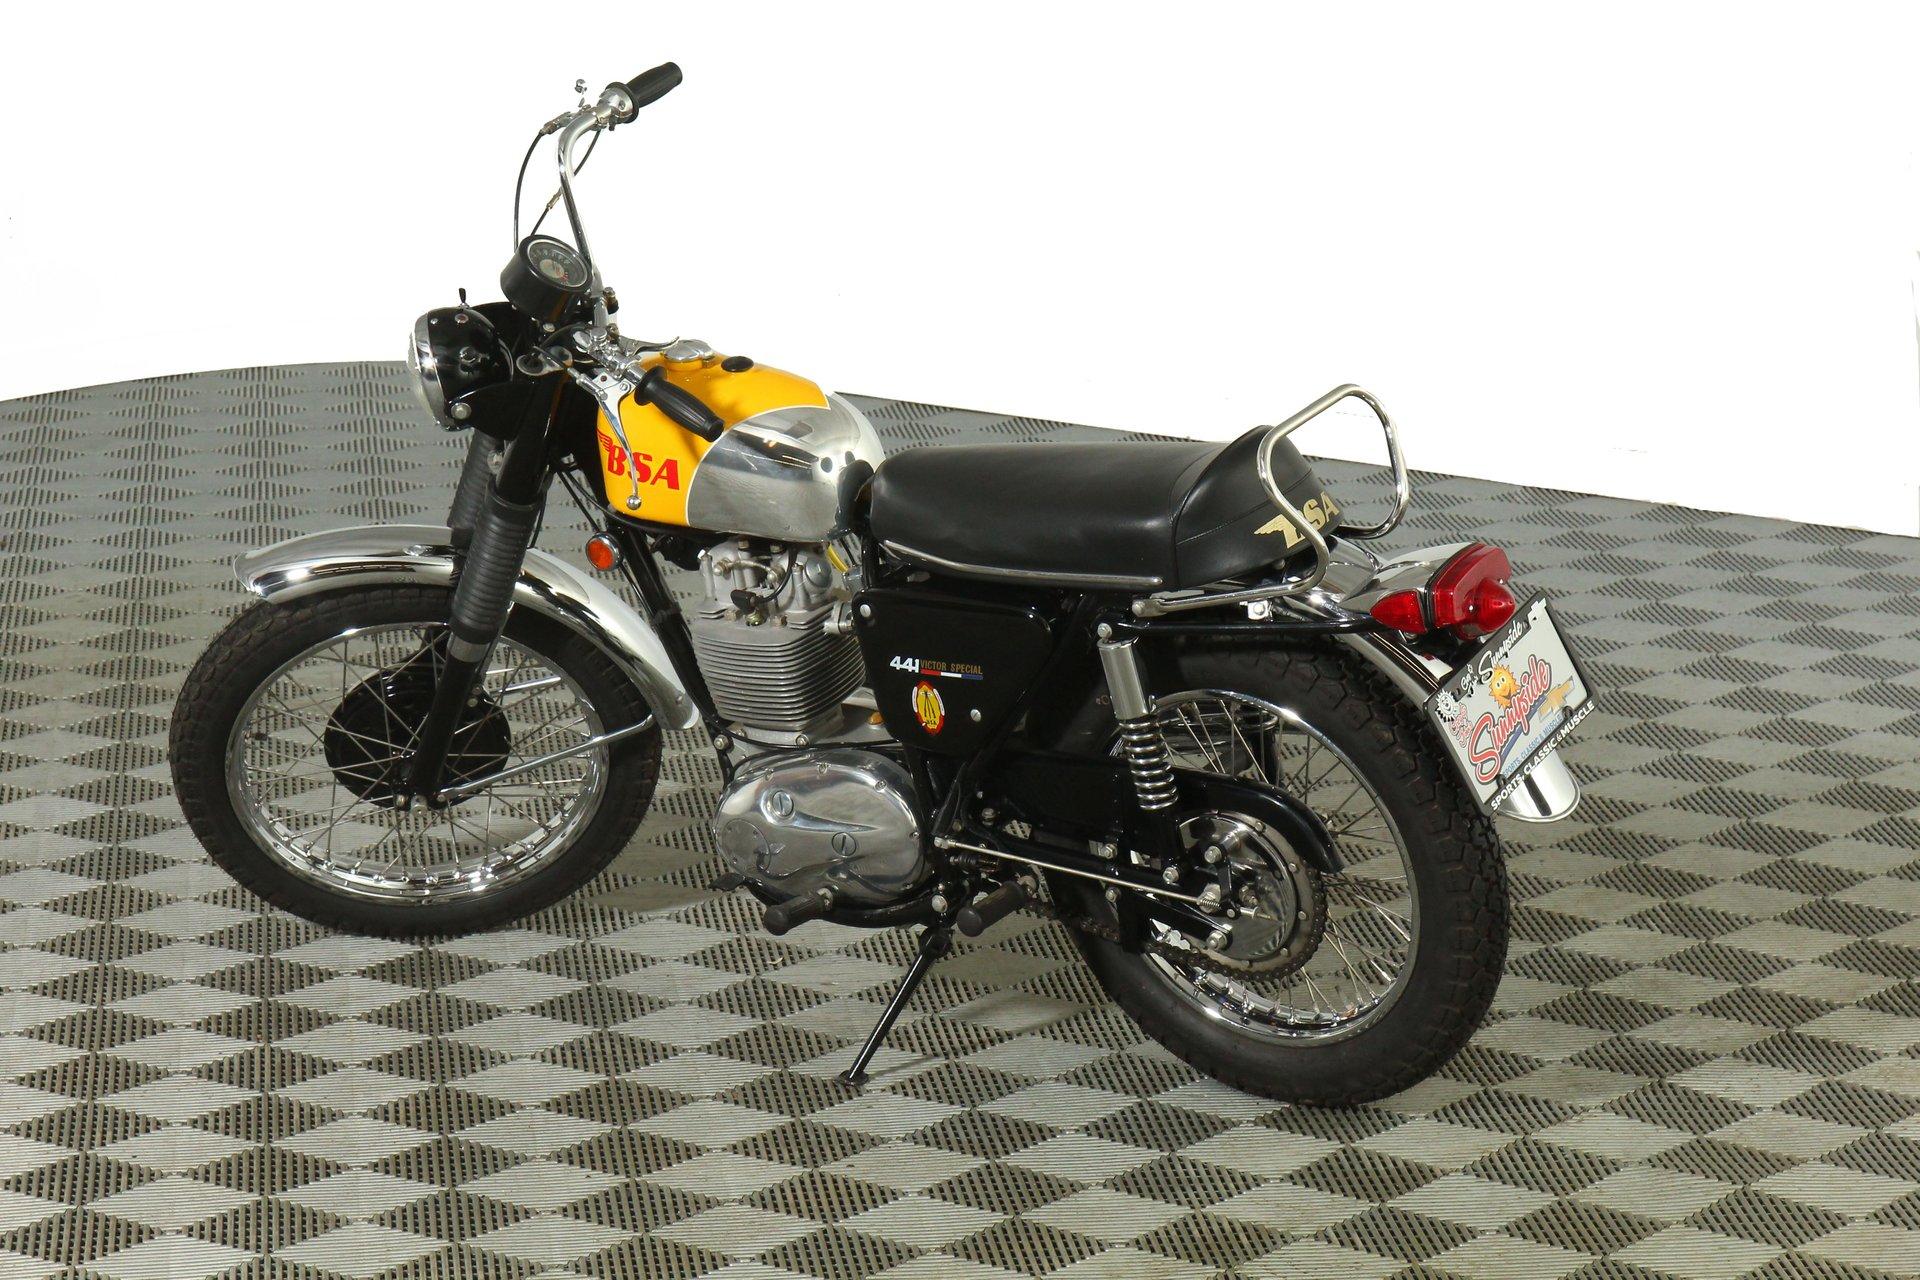 1968 BSA Victor 441